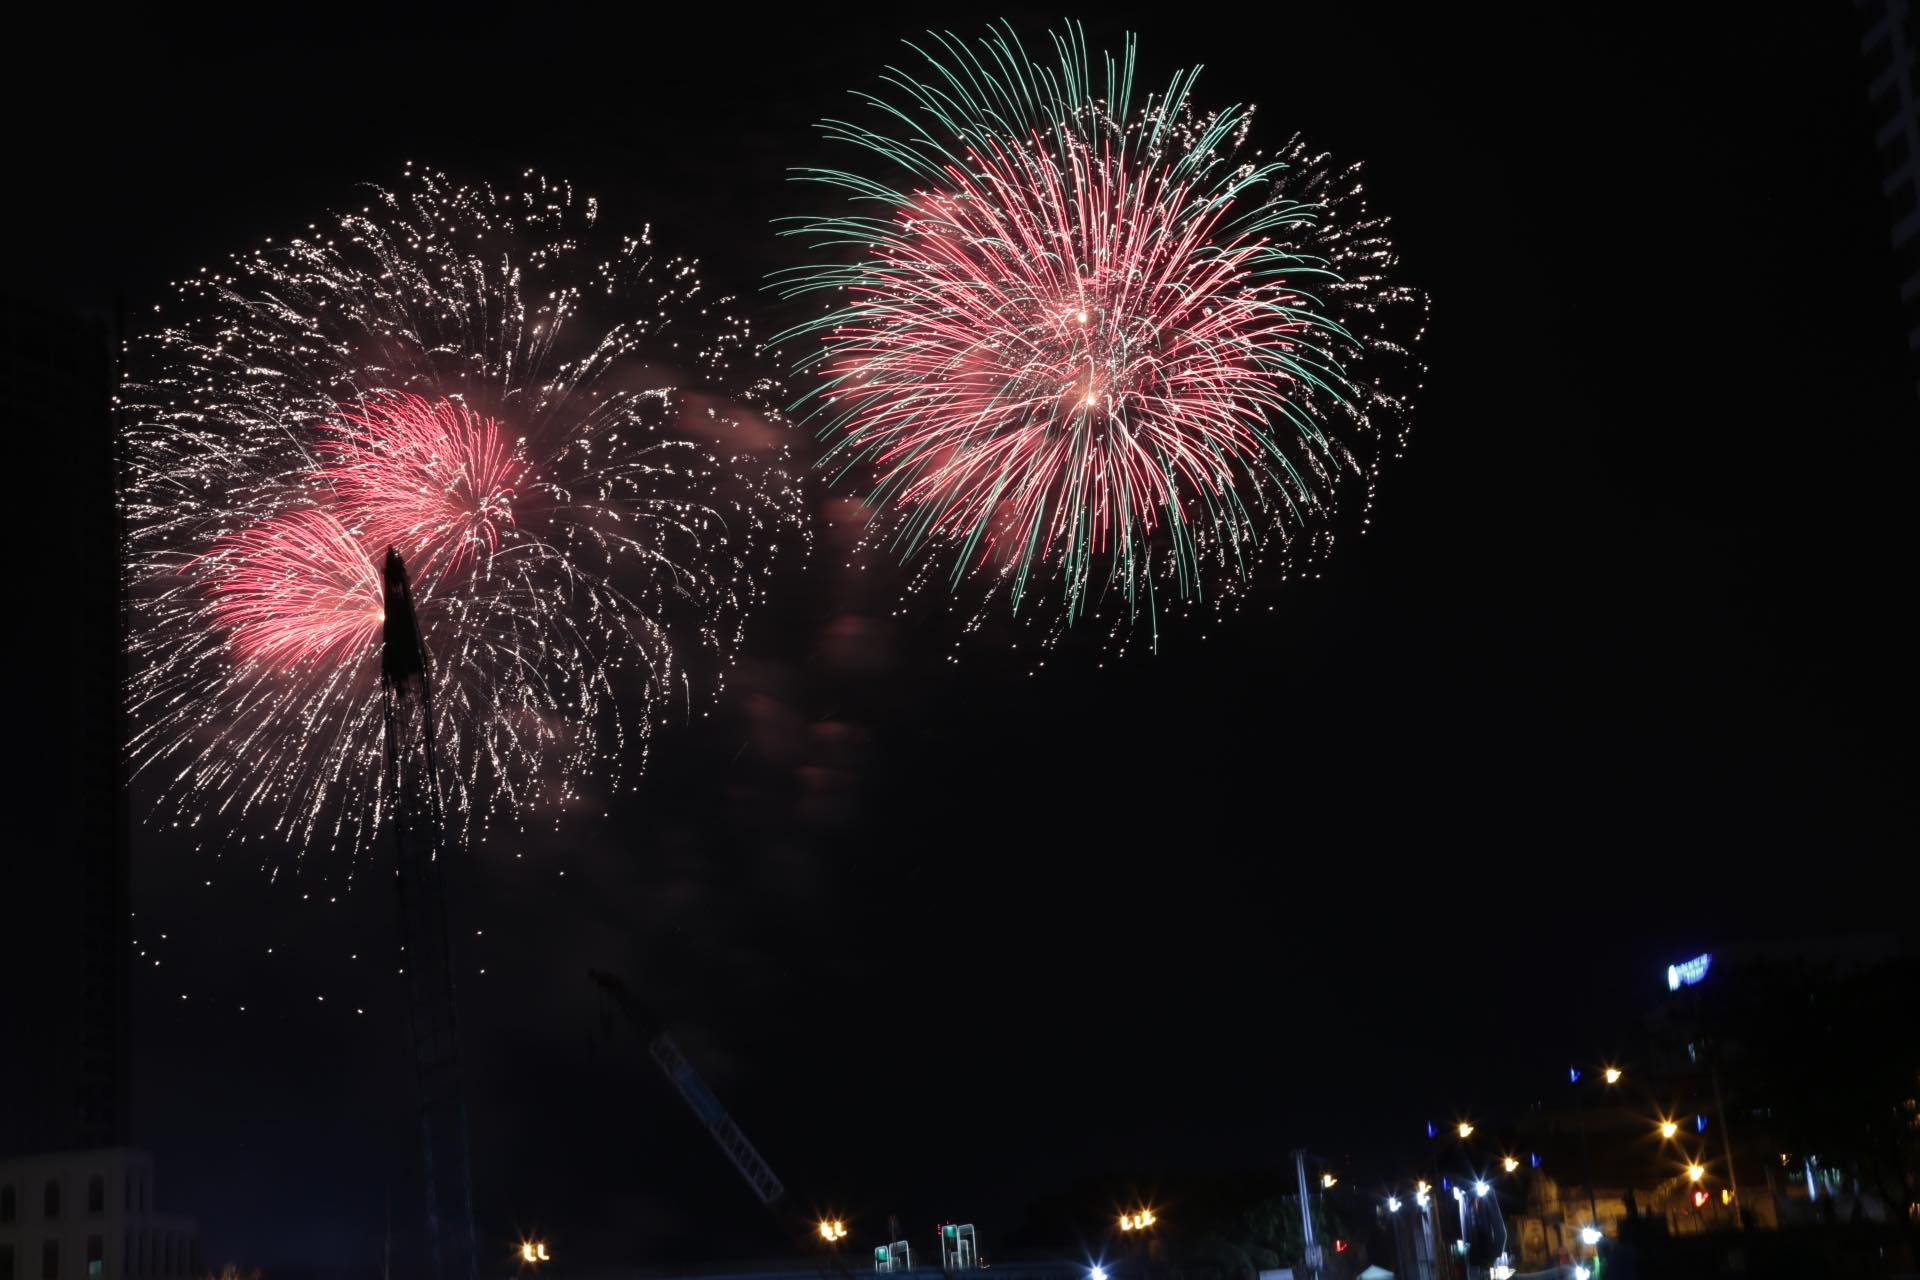 Pháo hoa rực sáng đẹp hút hồn trên bầu trời Sài Gòn, ngàn người vỗ tay tán thưởng - 12